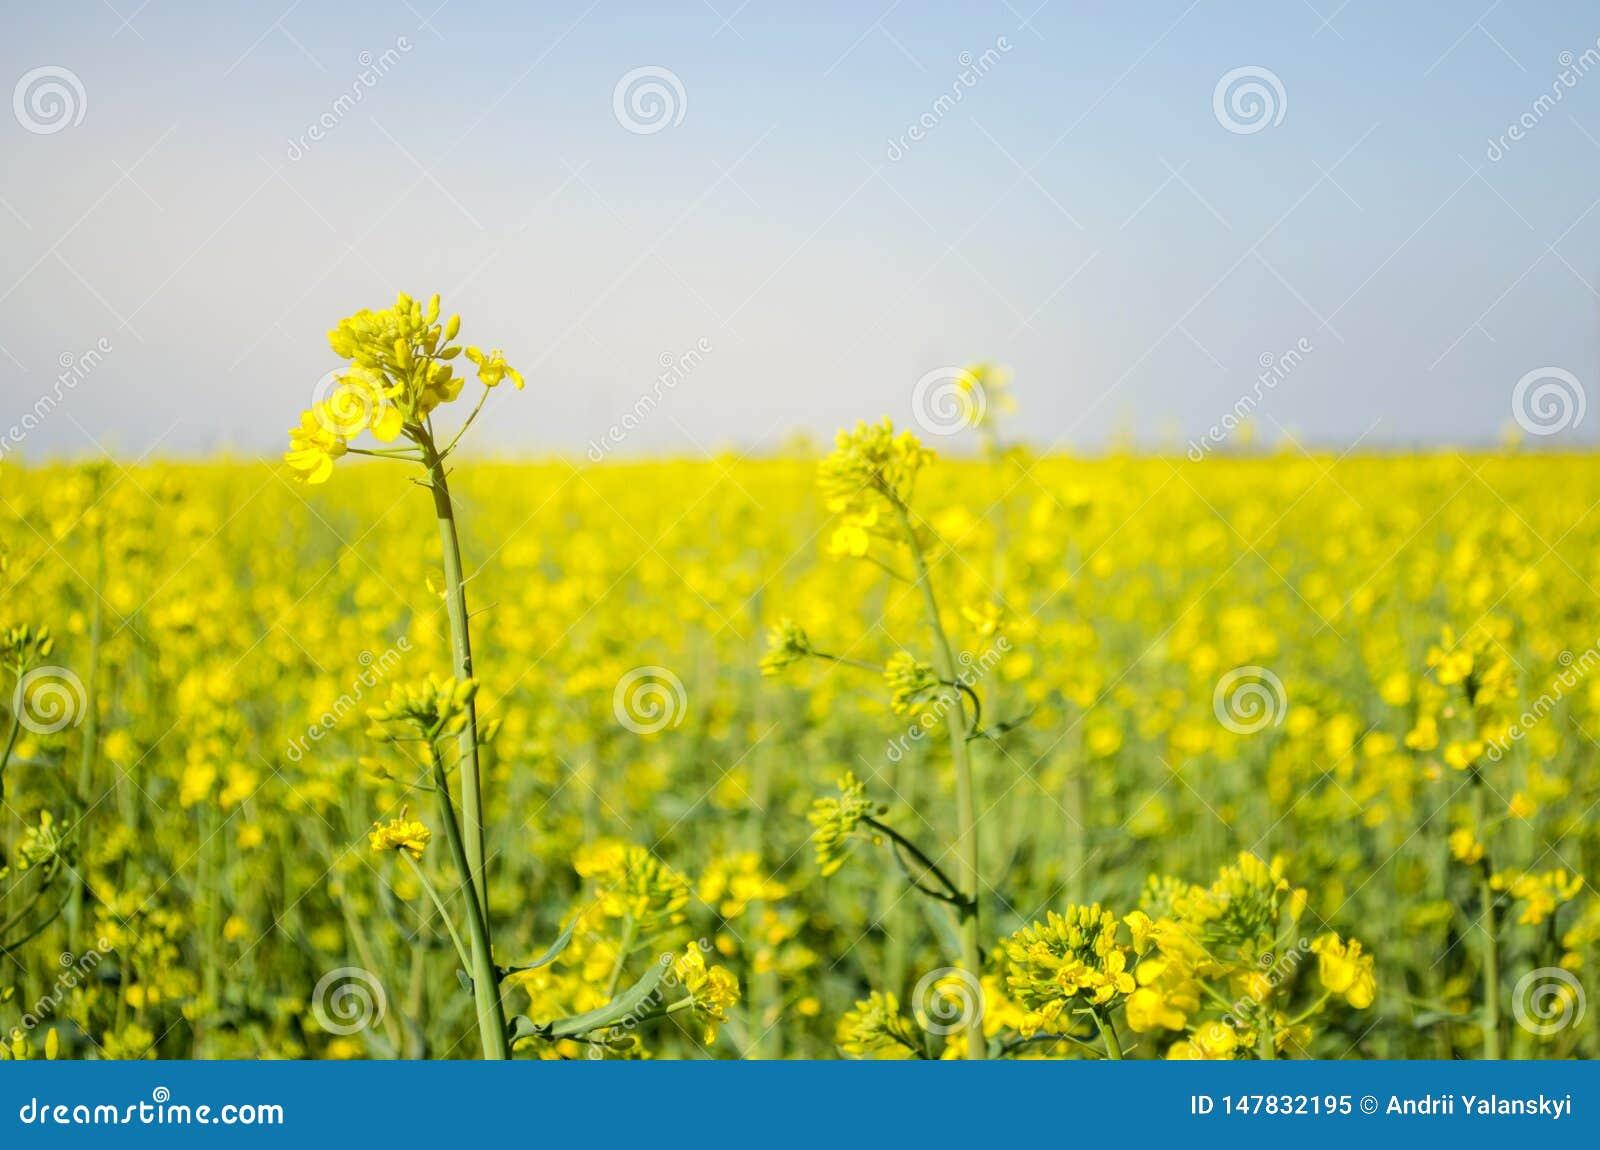 V?ldta Rapsfröfält under blomning Blomk?l, kinak?l och k?l p? tr?sk?rbr?da Oljefrökultur Jordbruk lantbruk